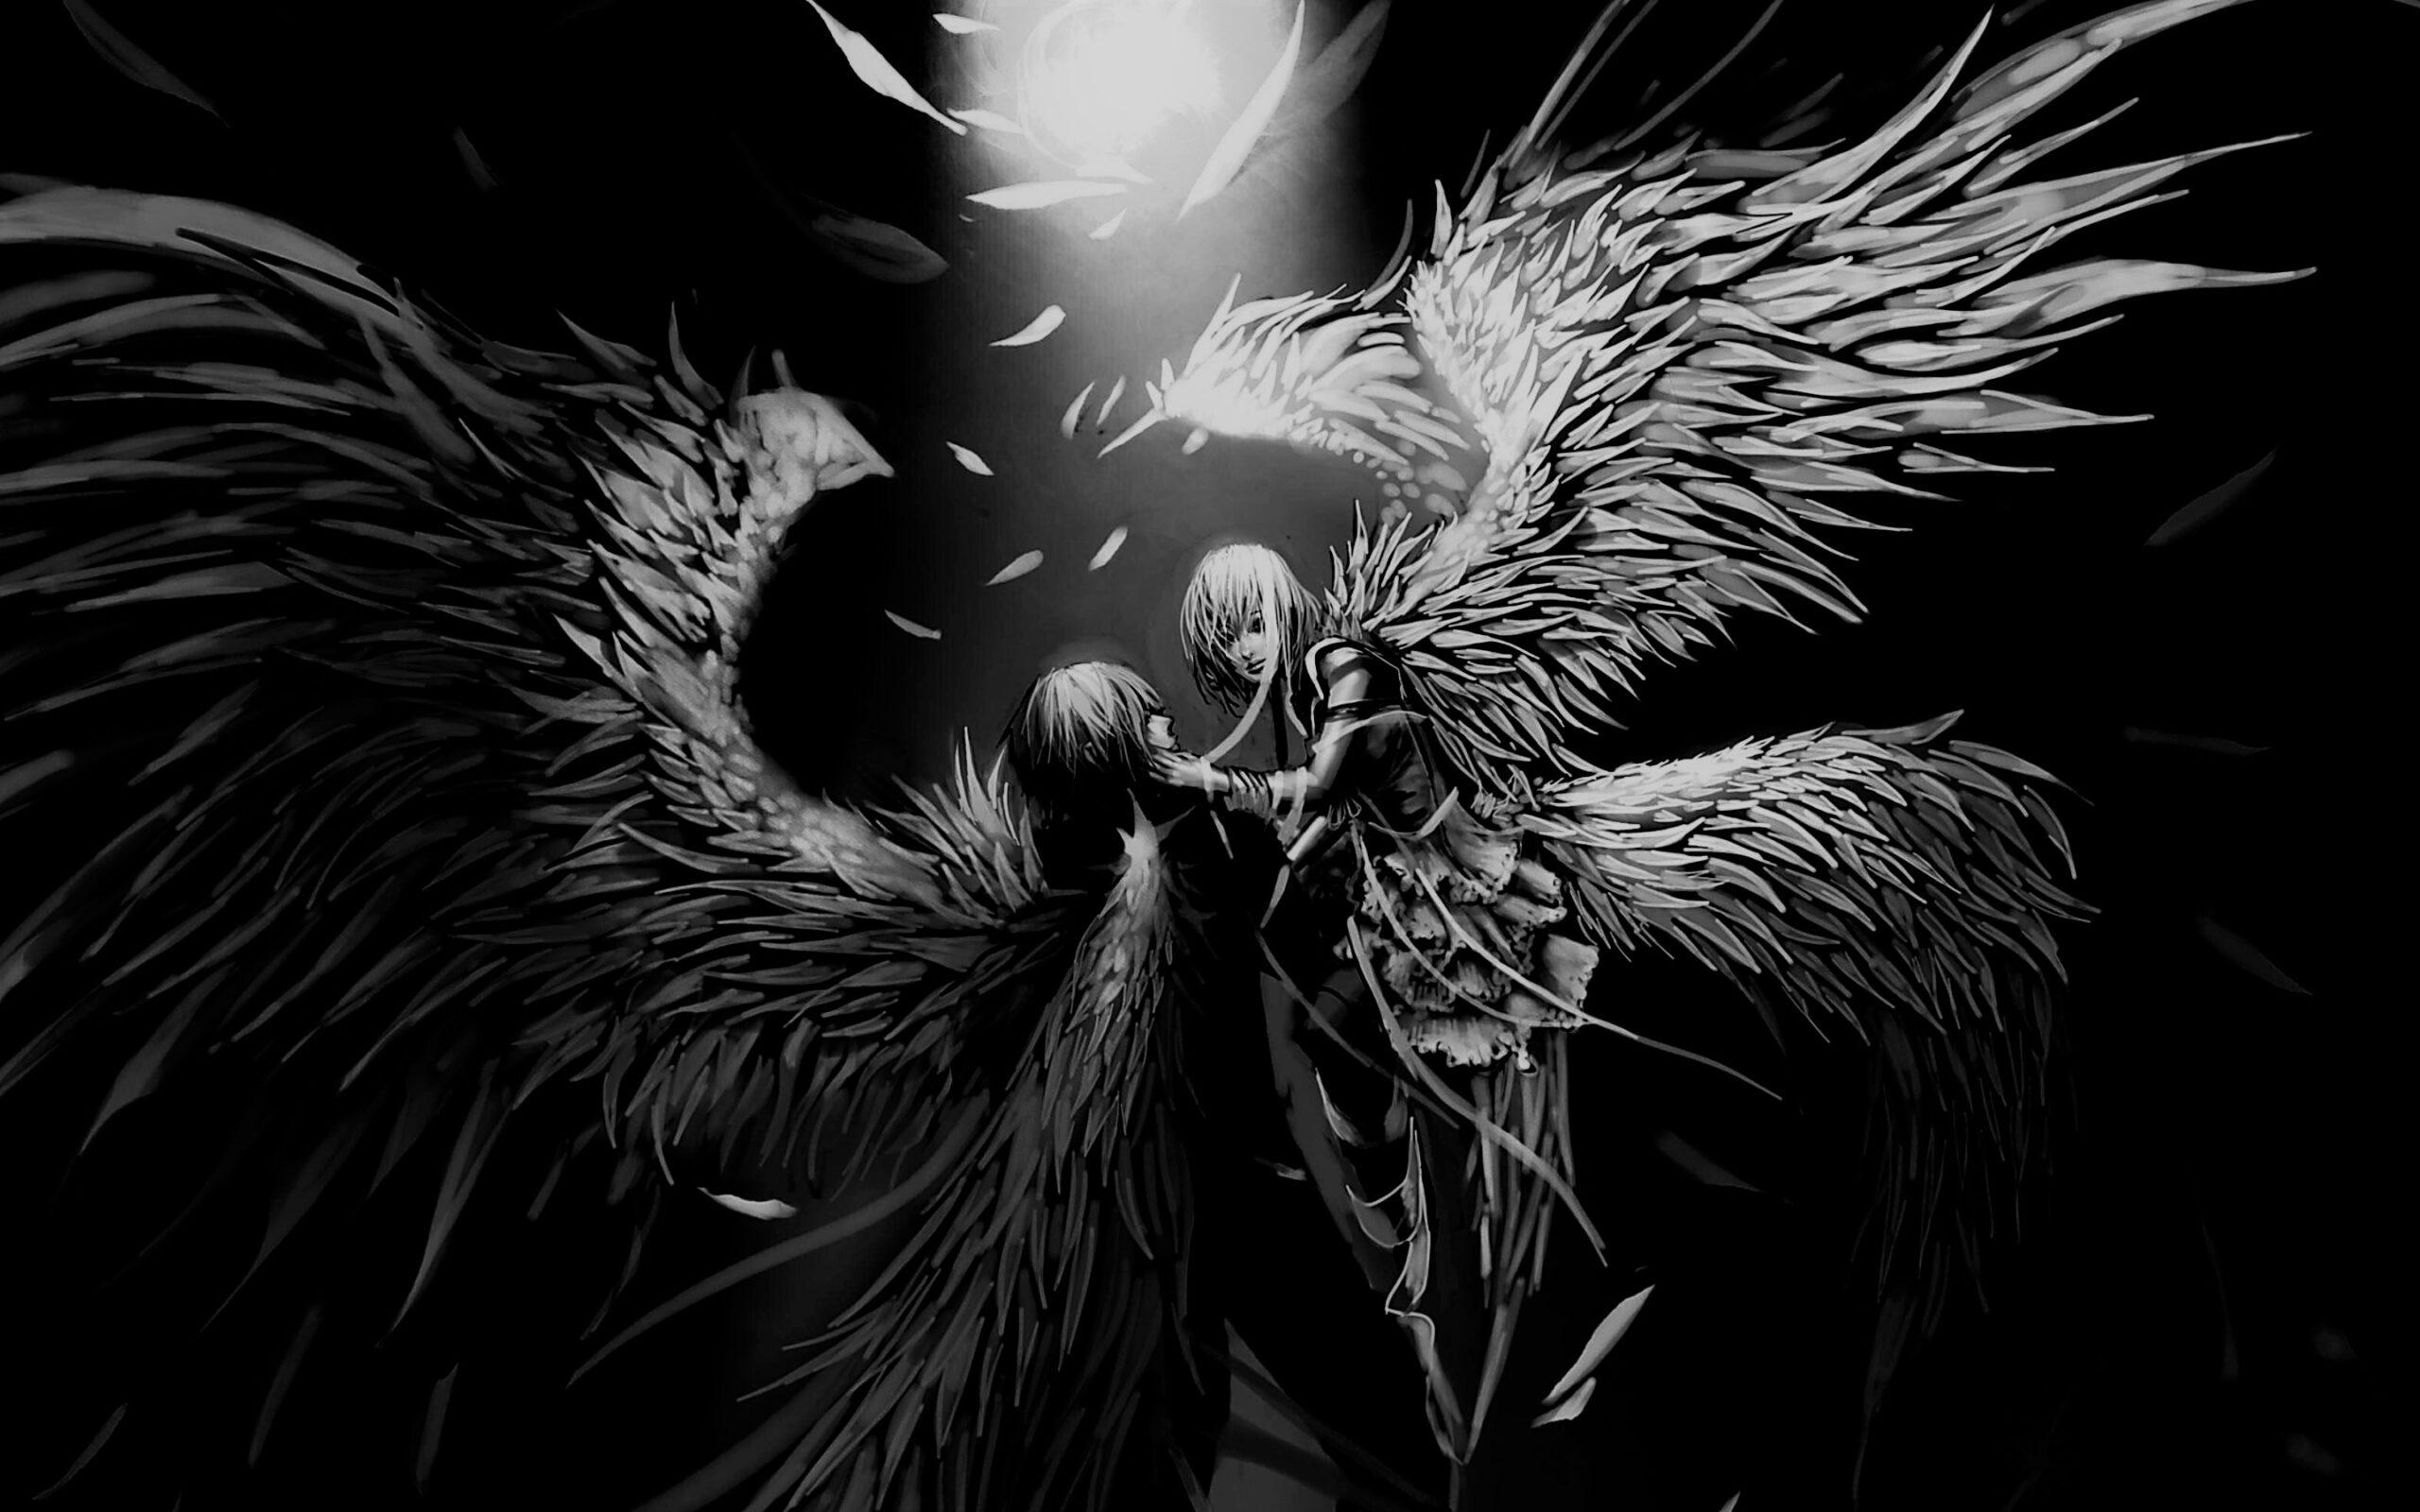 Hình anime trắng đen đôi cánh a